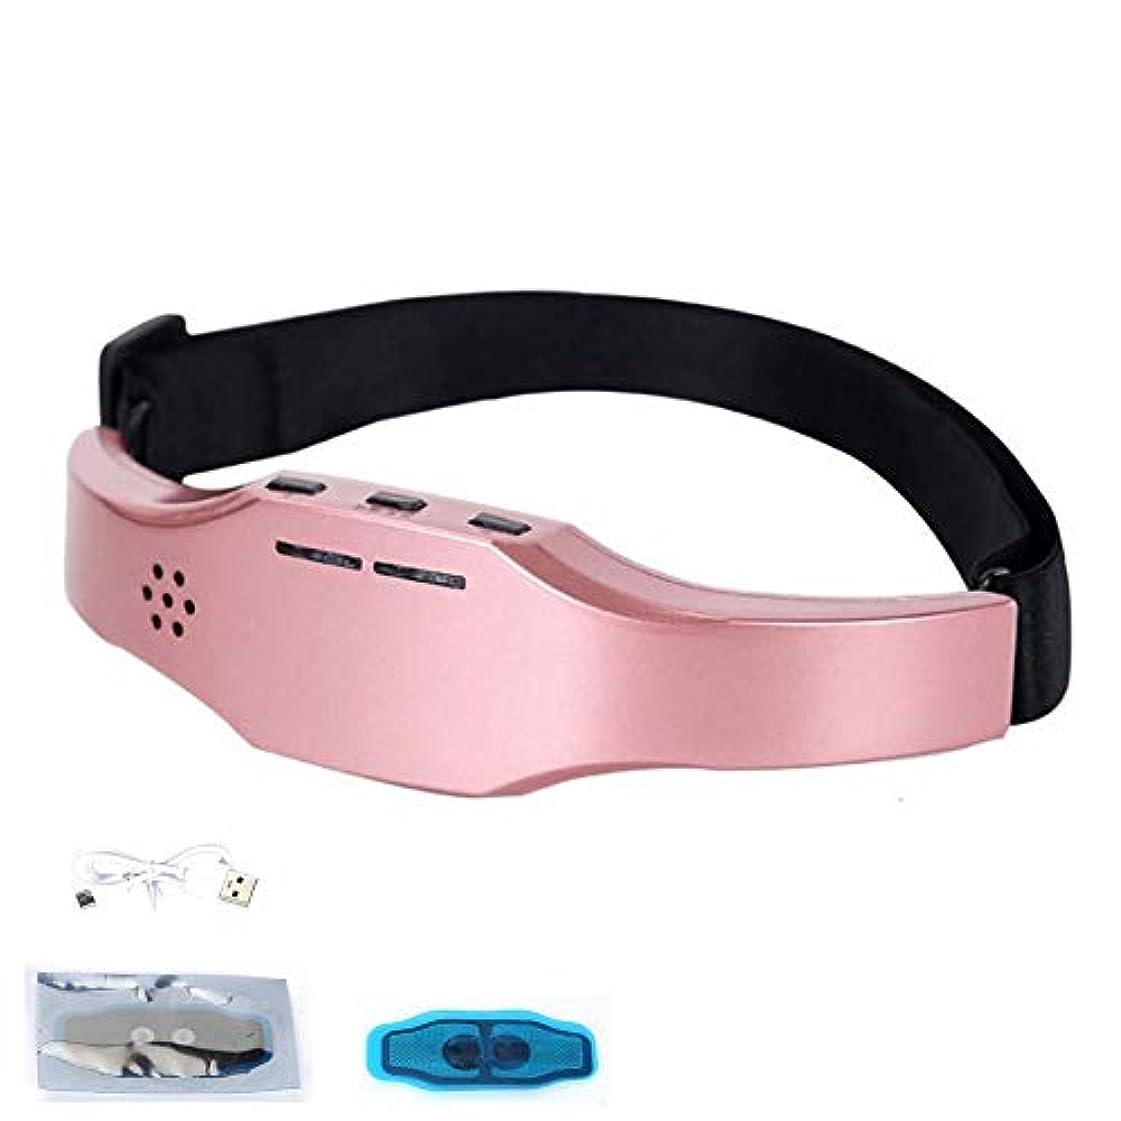 高度な弾丸テメリティ2019最新改良版 ヘッドマッサージャー ヘッドマッサージ器 疲れやストレス緩和 USB充電 静音 携帯便利 小型 家庭用 携帯便利 副作用なし 不眠症改善 偏頭痛緩和